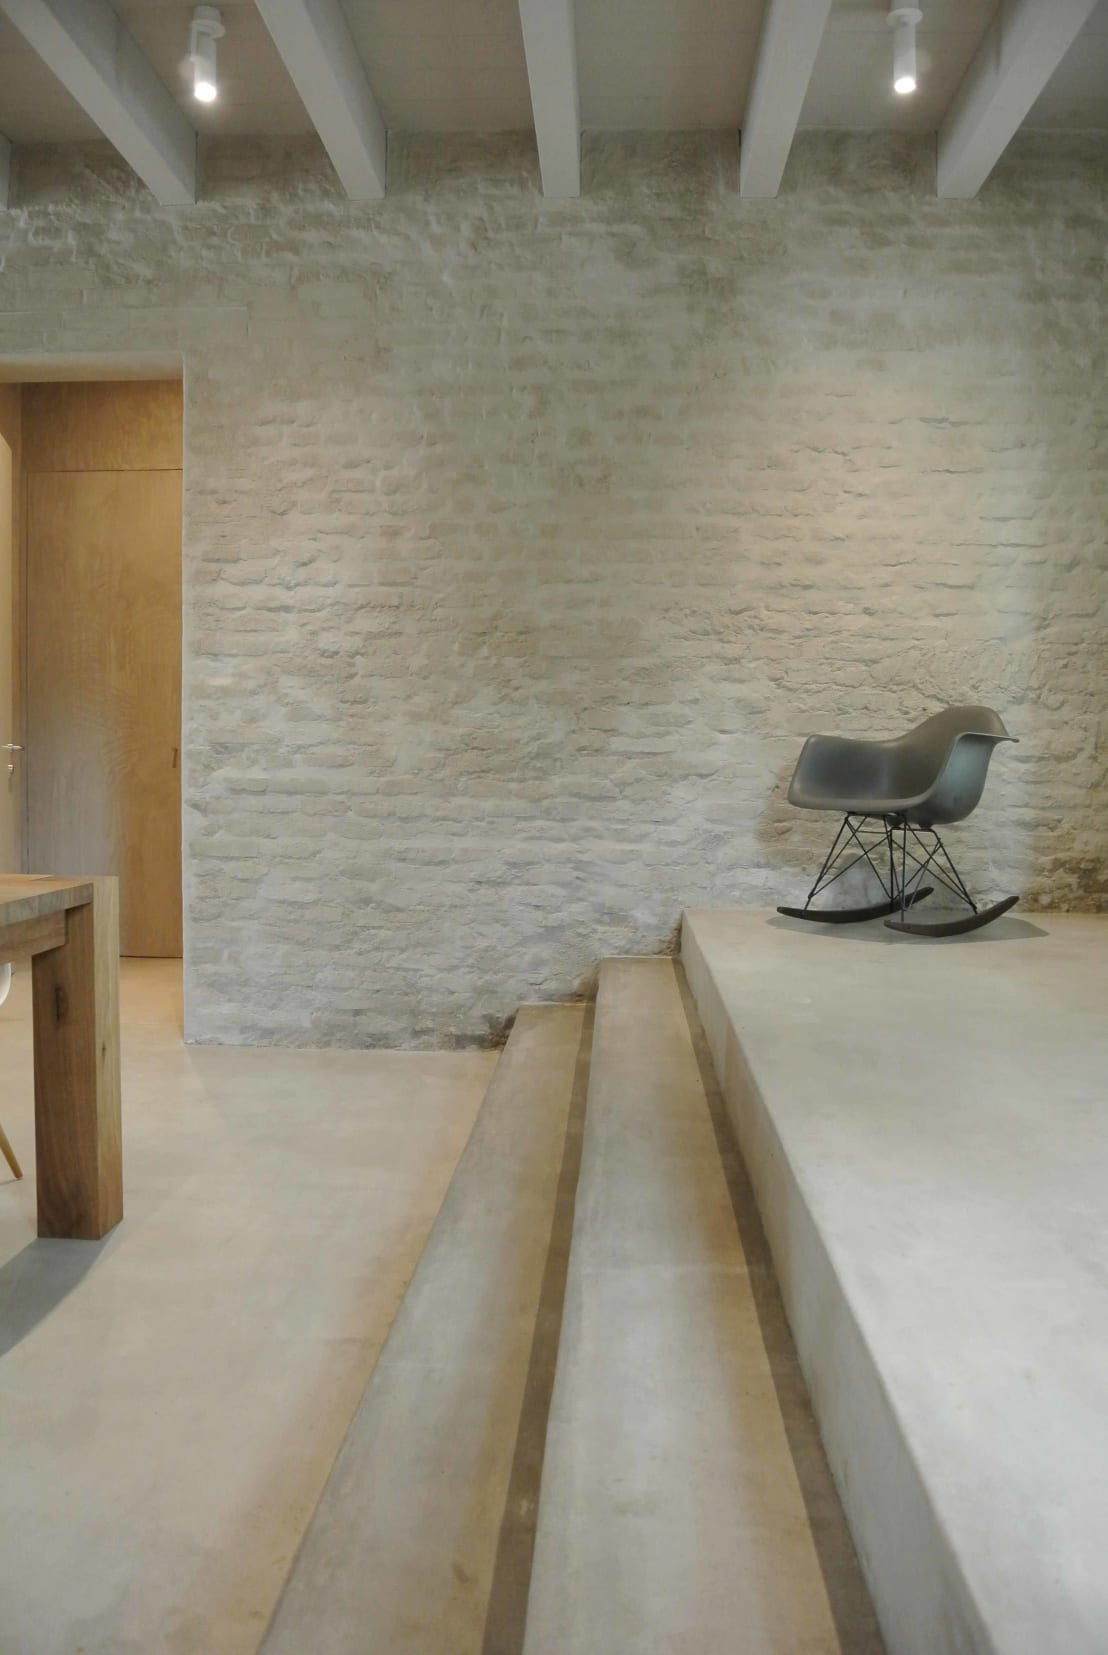 Studio di architettura disegno casa belfiore homify for Disegno della casa di architettura